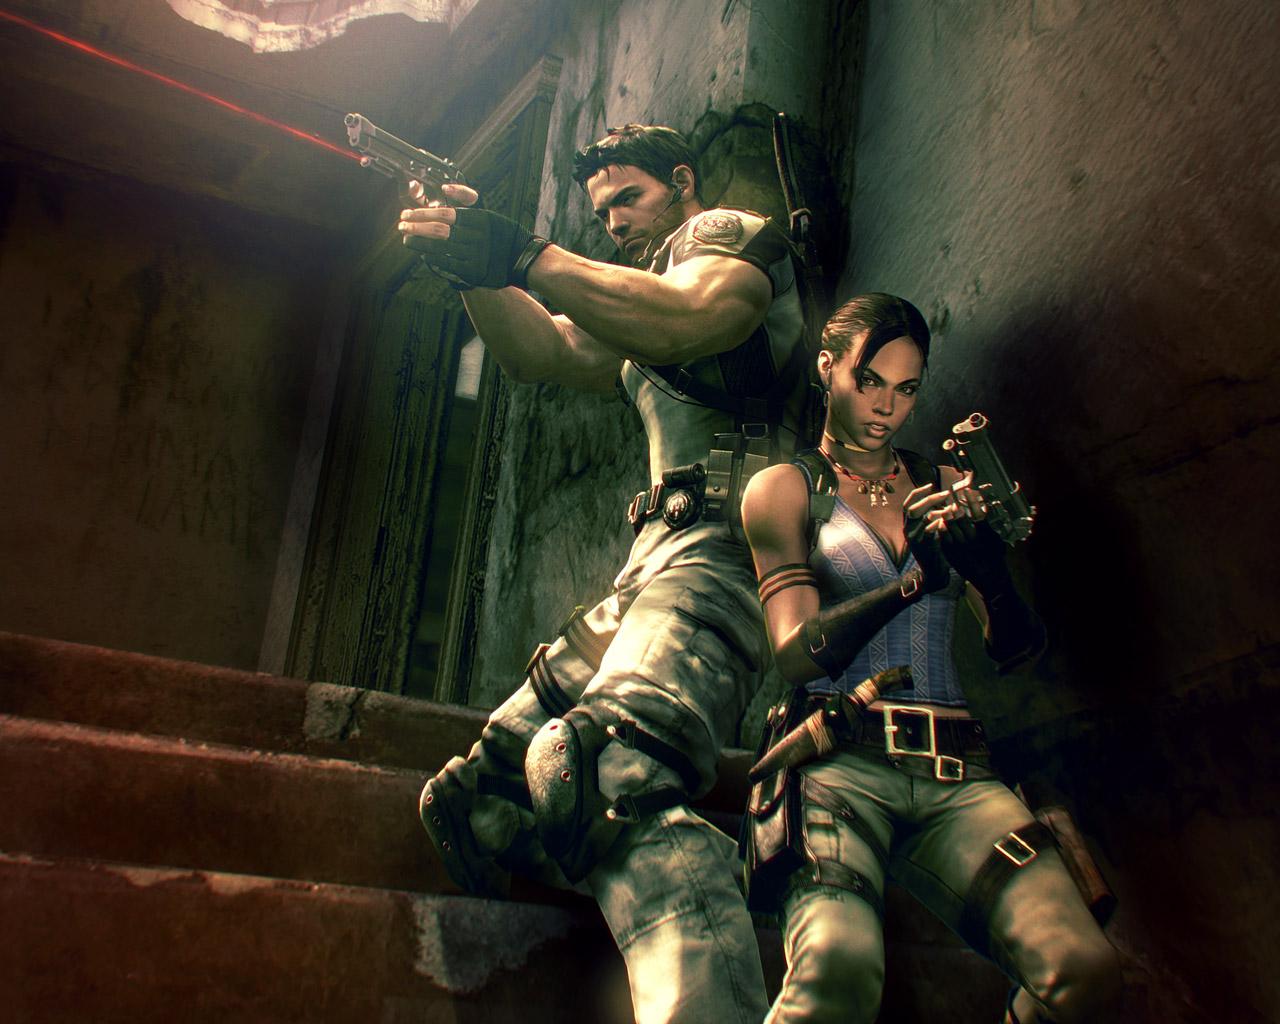 Free Resident Evil 5 Wallpaper in 1280x1024